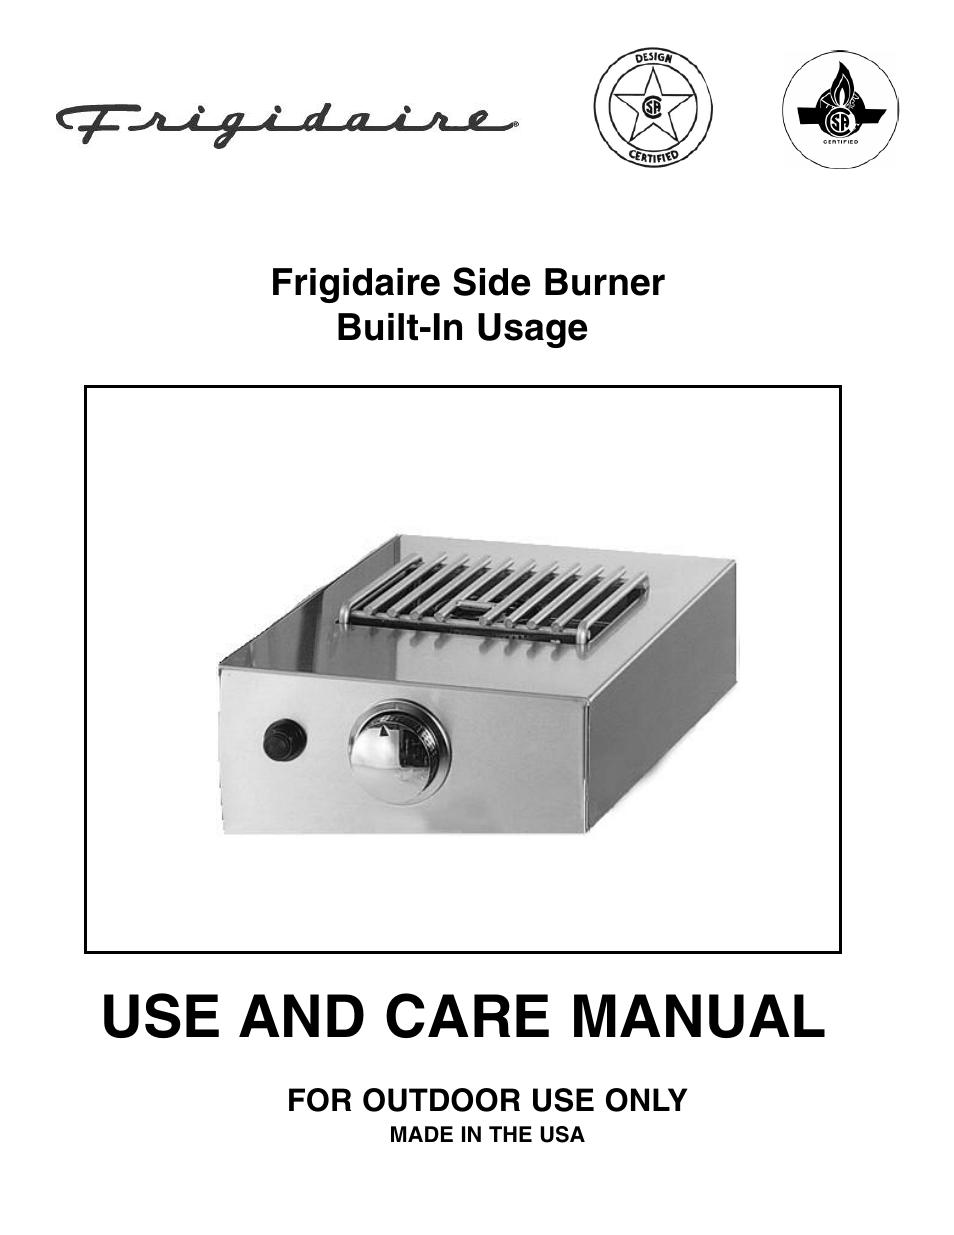 Frigidaire Side Burner User Manual 11 Pages